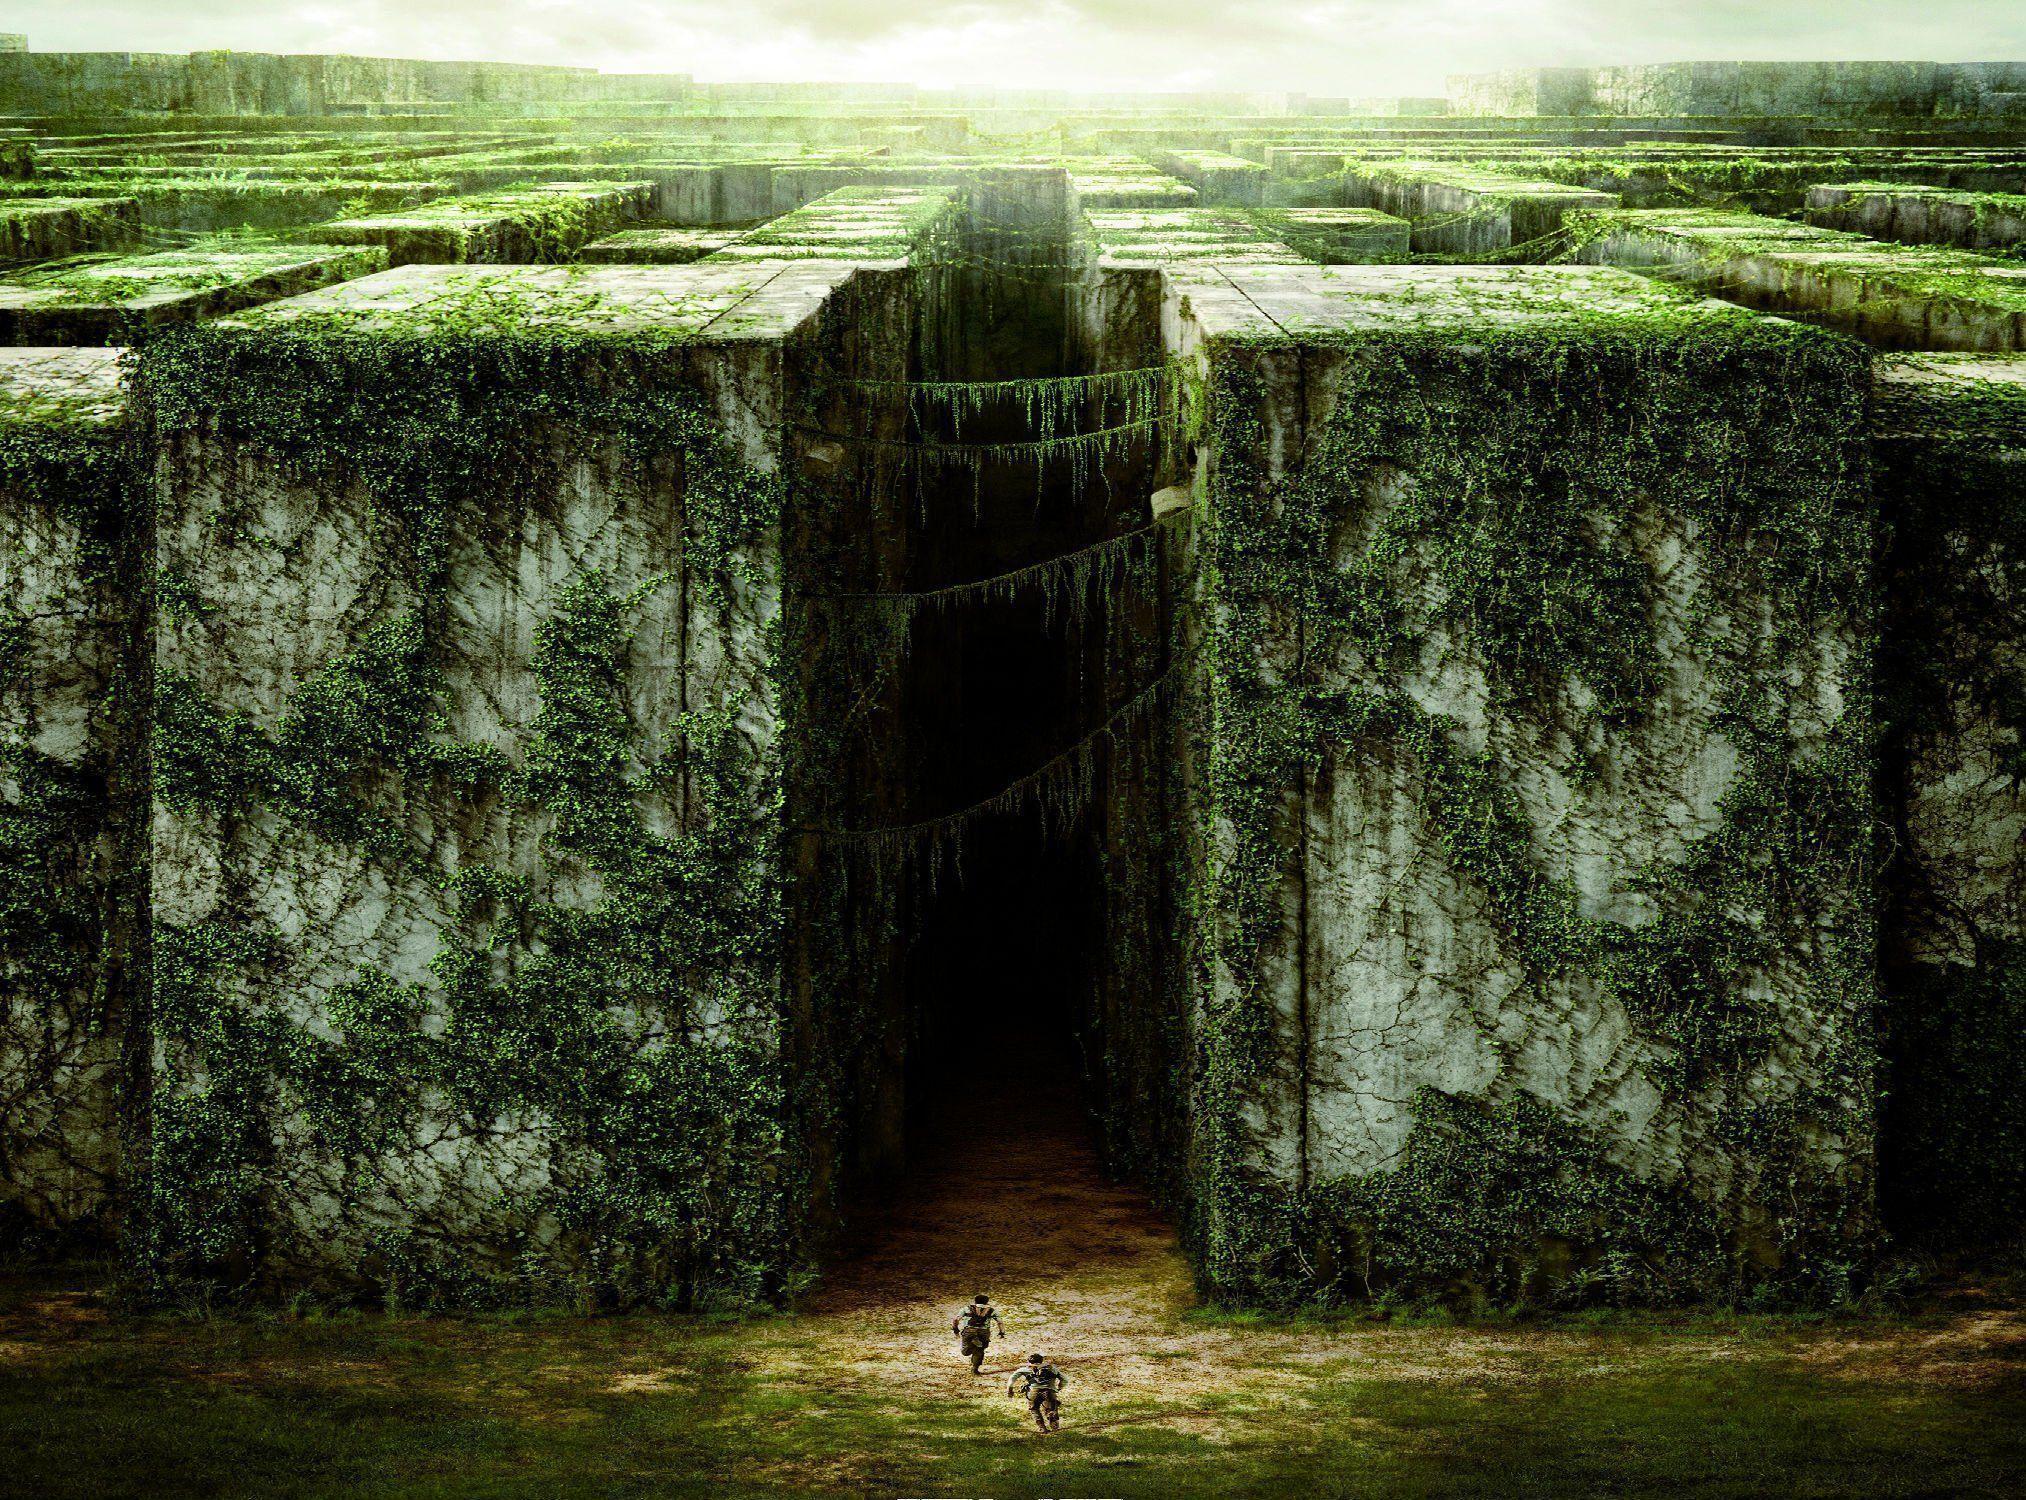 Geography Hd Wallpaper Maze Runner Wallpapers Wallpaper Cave